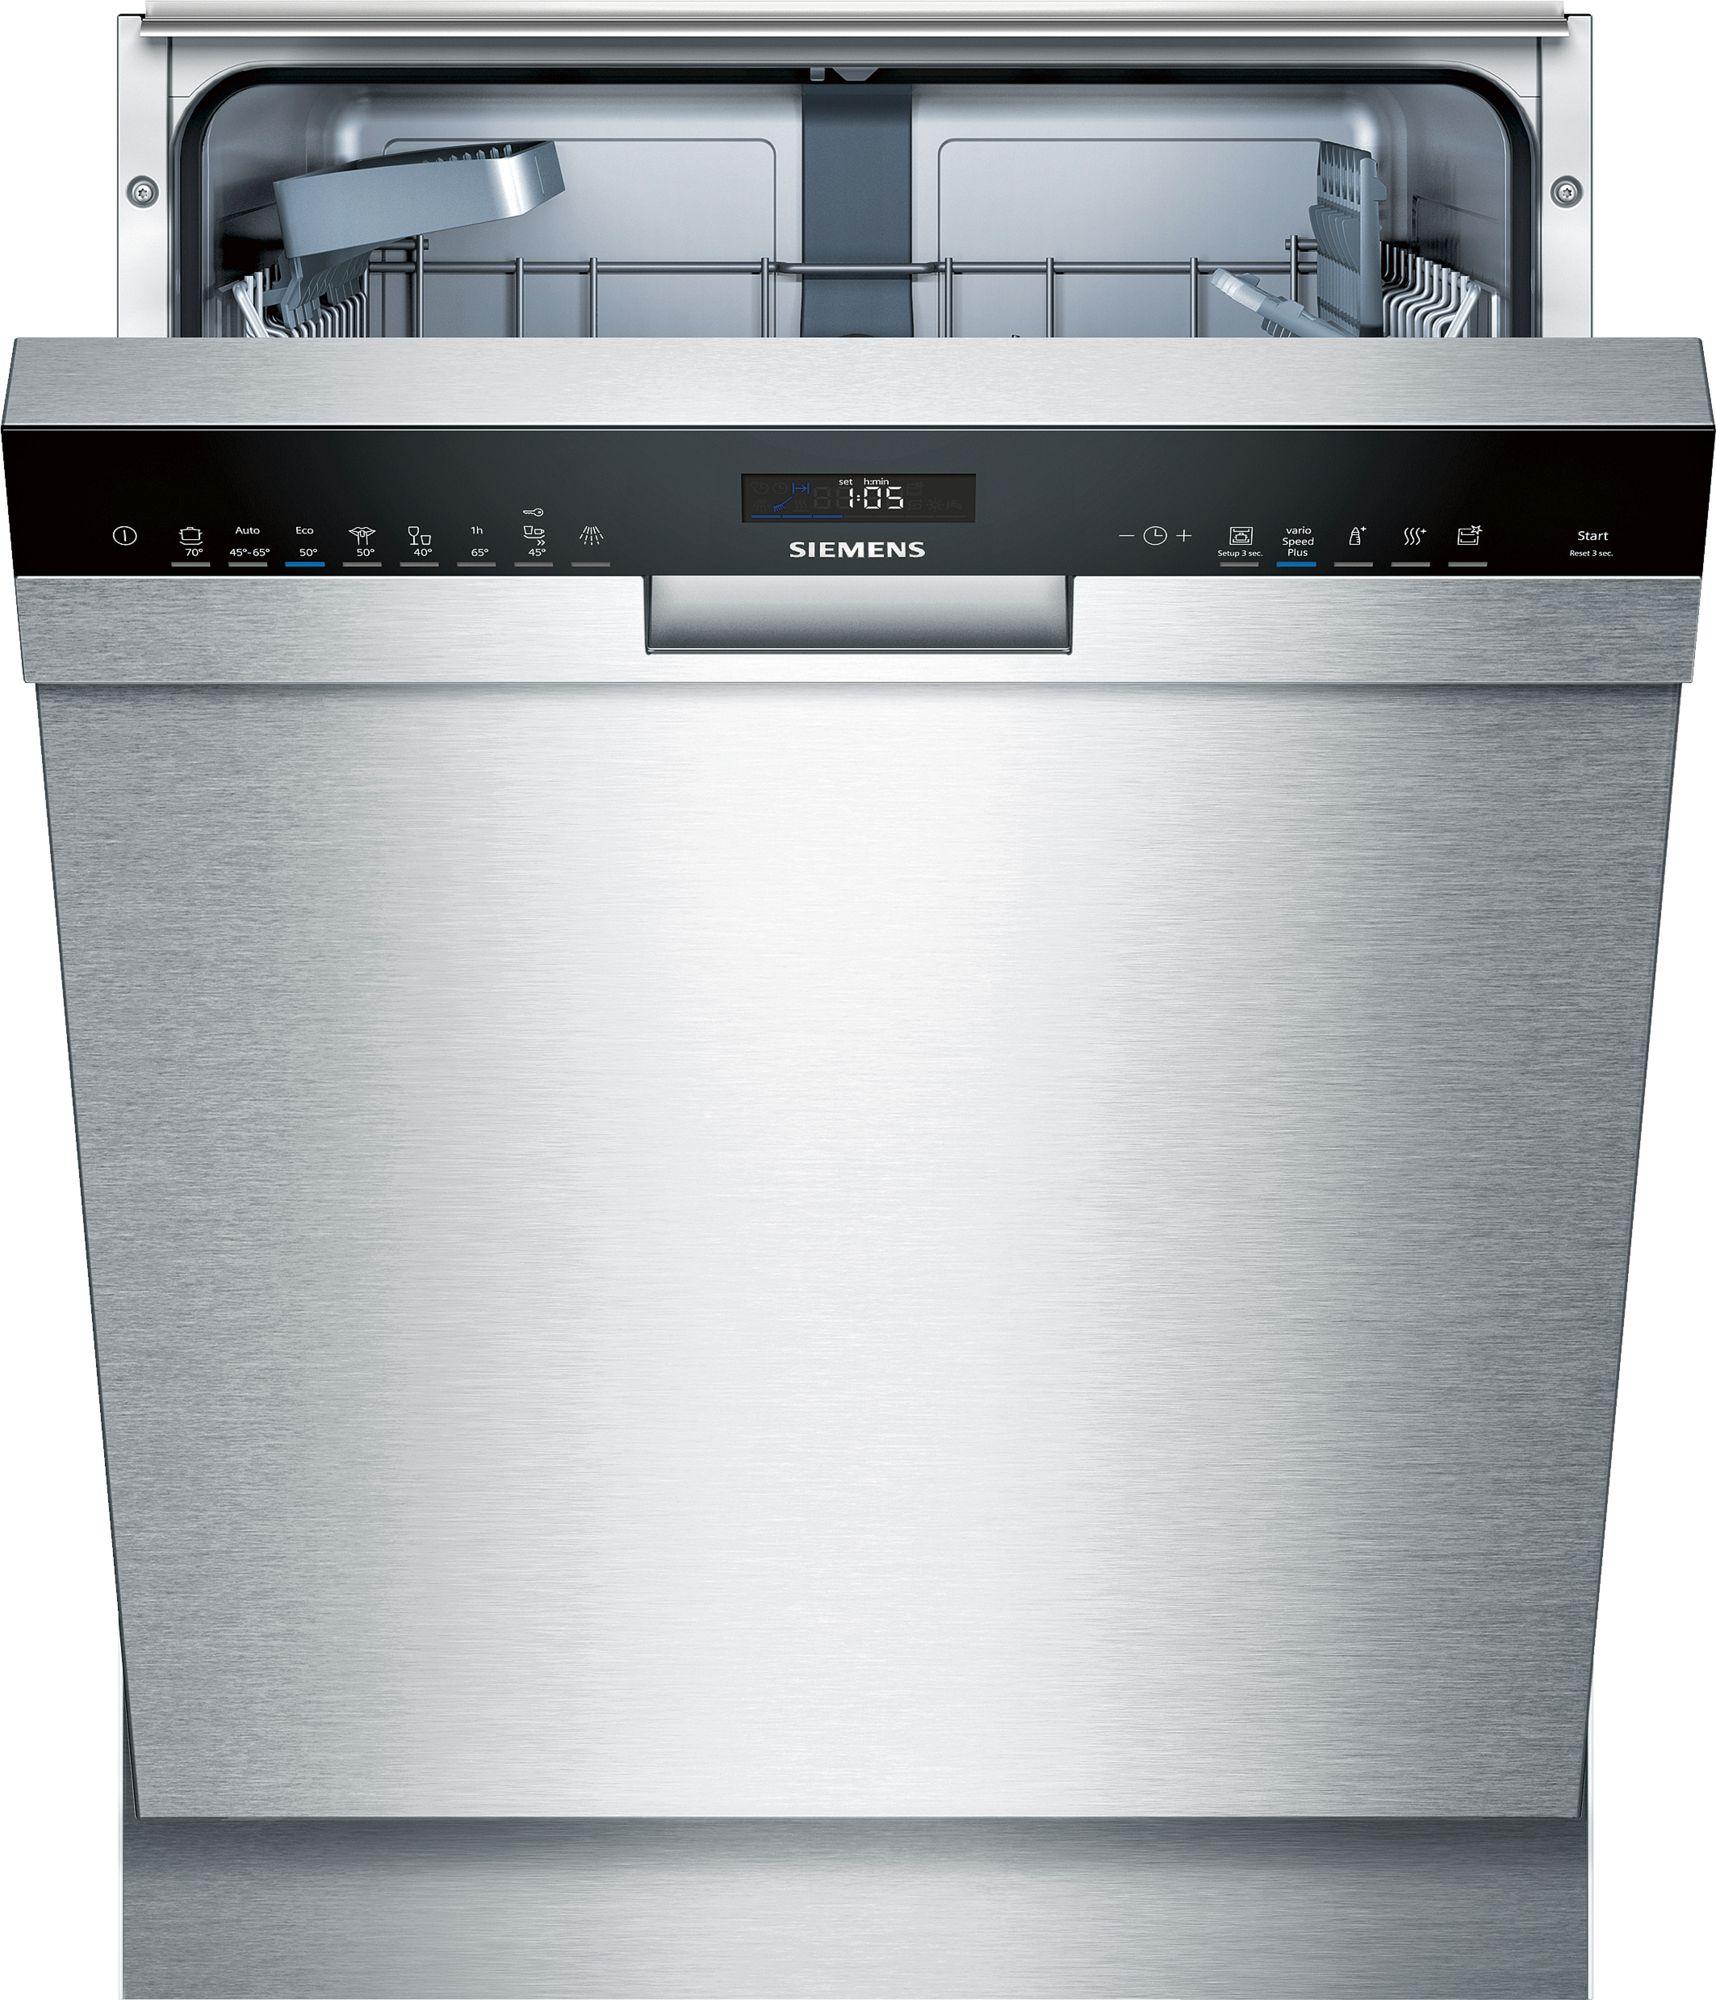 Siemens iq500 unterbaugerat geschirrspuler 60 cm for Geschirrspüler 60cm